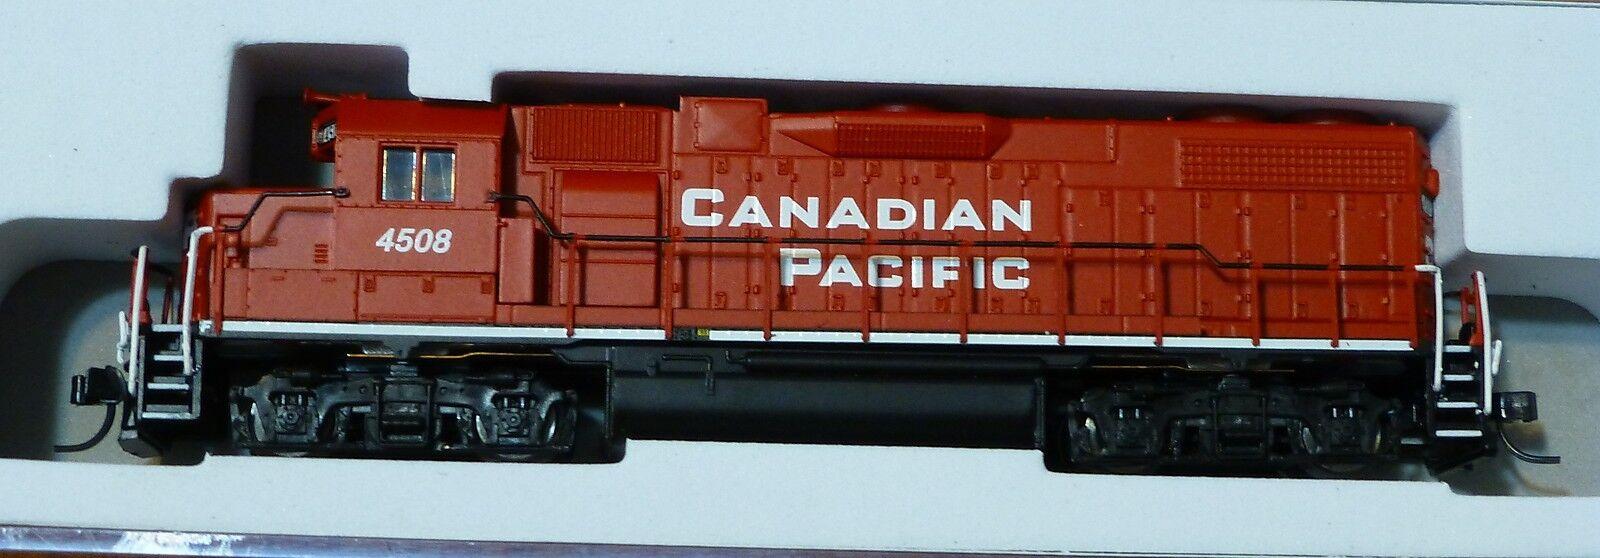 Atlas N   40000731 Emd Gp38-2 w dynamic Frenos-Estándar Dc-Canadian Pacific